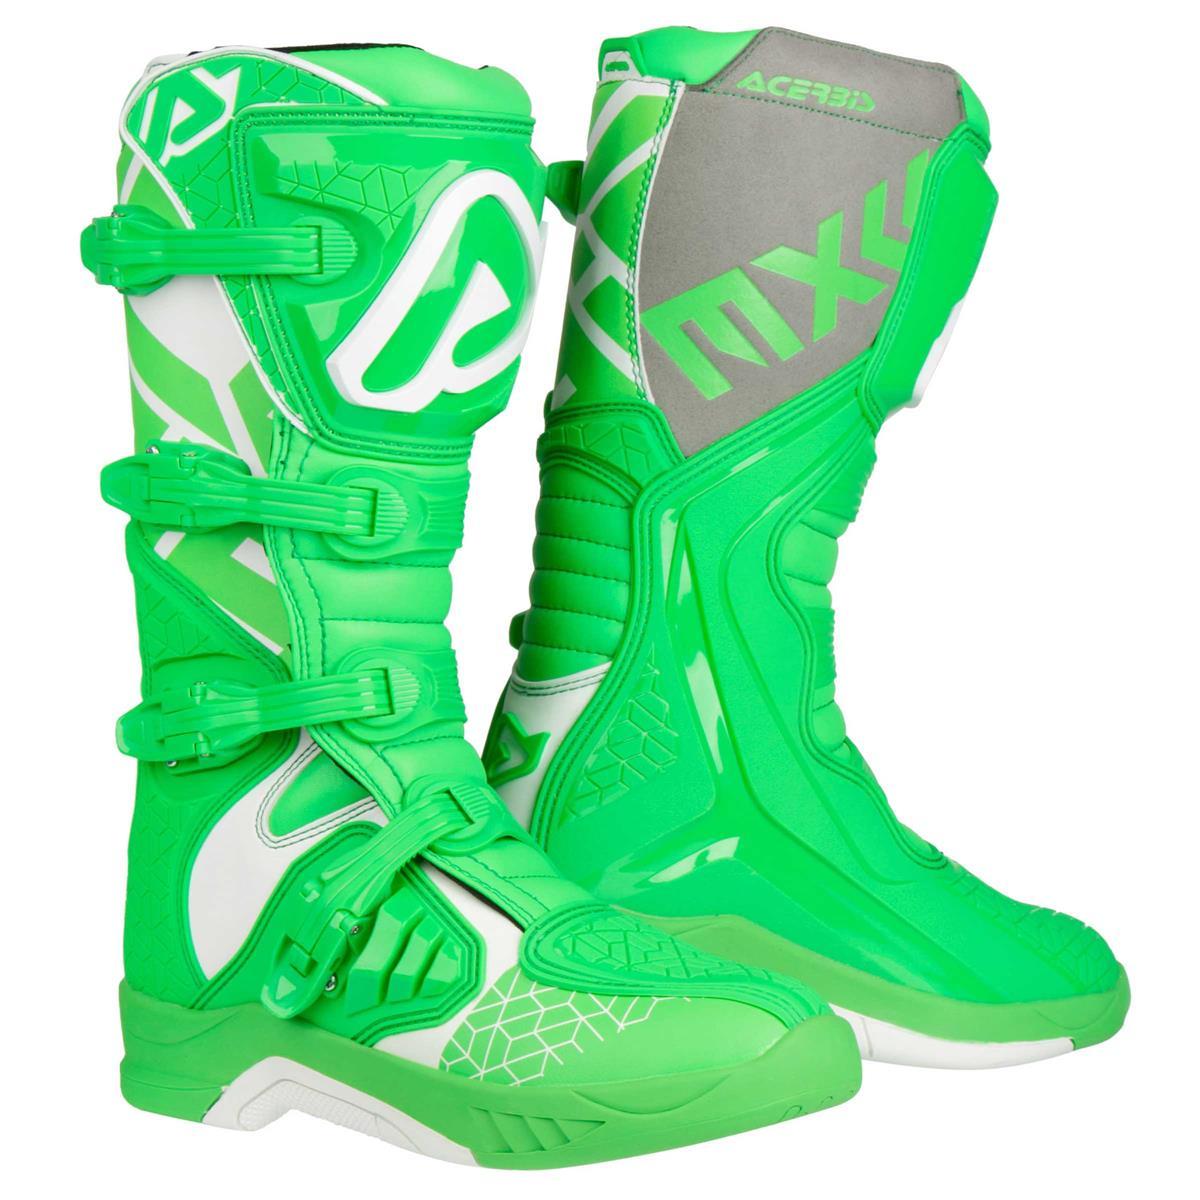 Acerbis Motocross-Stiefel X-Team Grün/Weiß